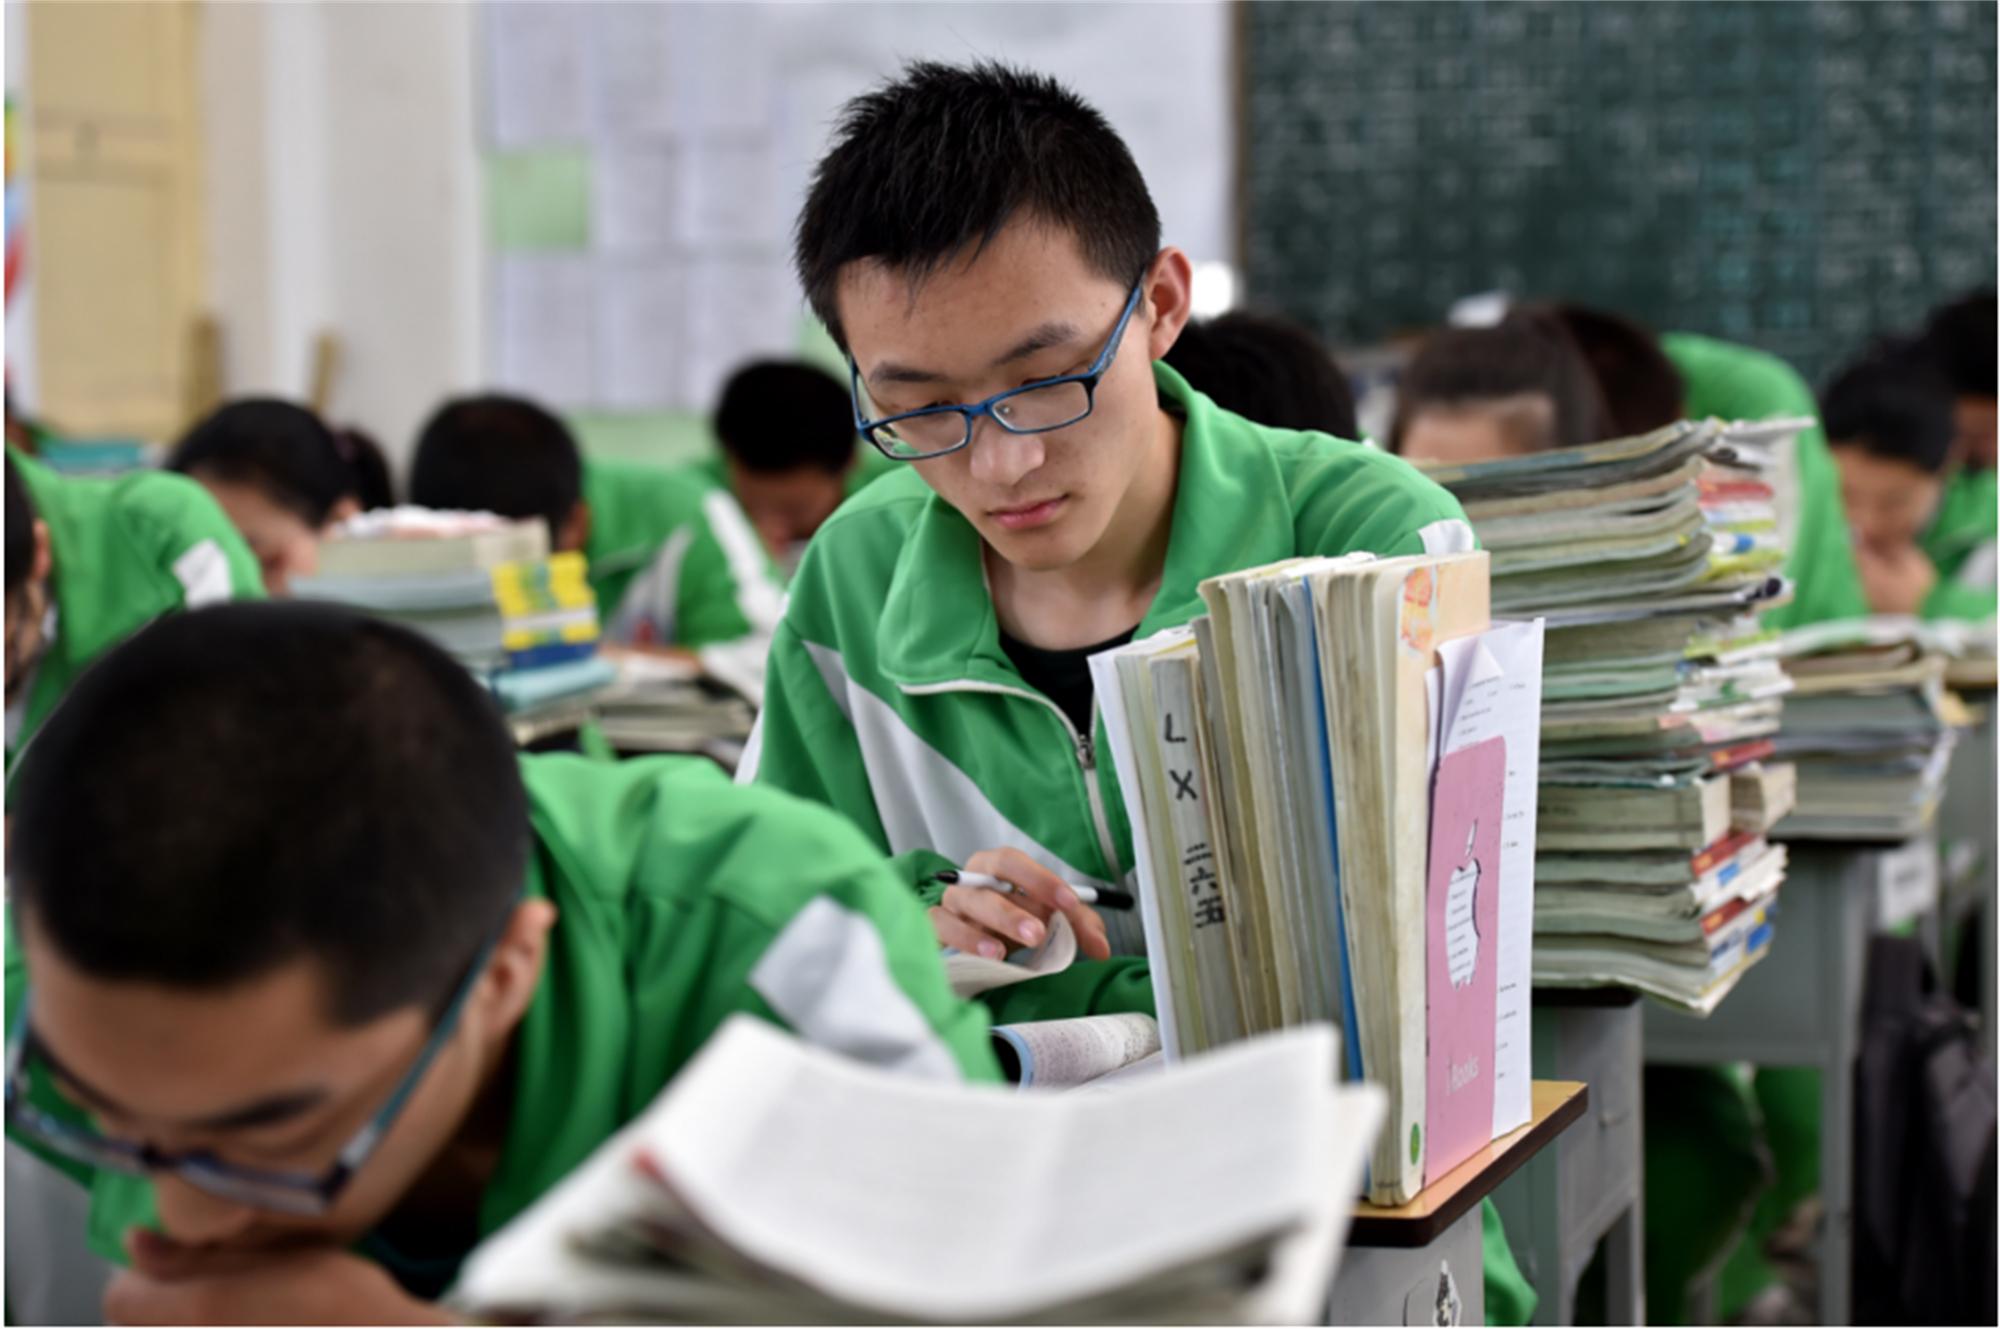 四川省理科第一名:722分,学霸身份竟是复读生,曾663分选择复读